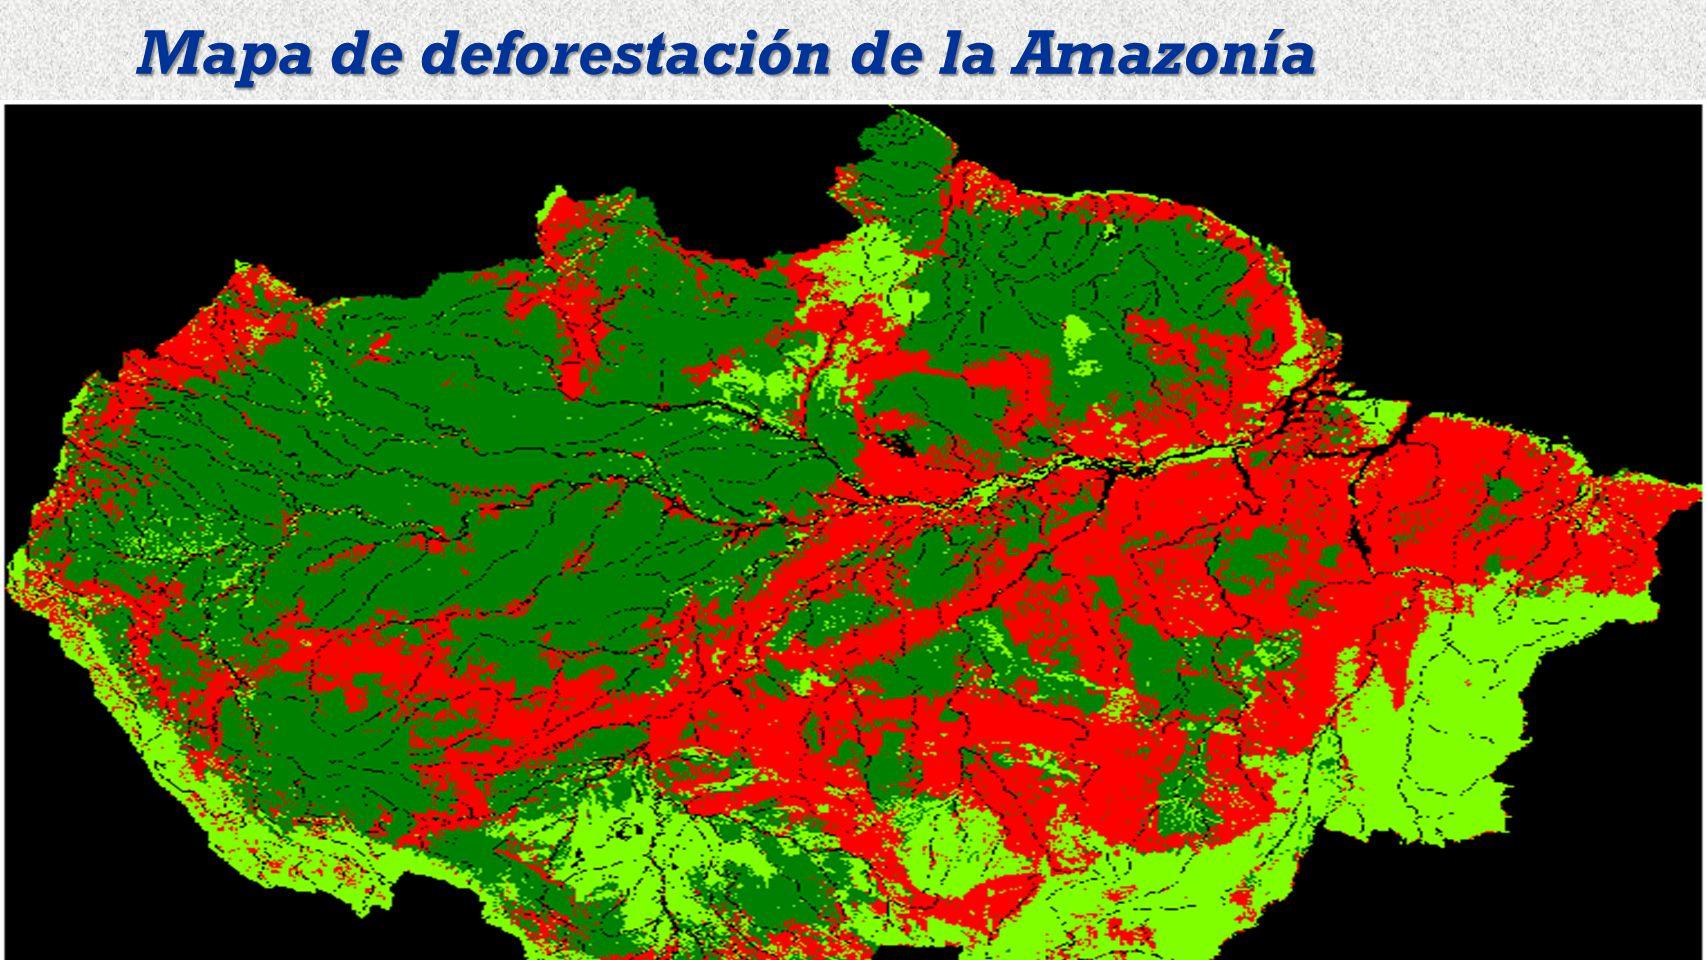 Mapa de deforestación de la Amazonía